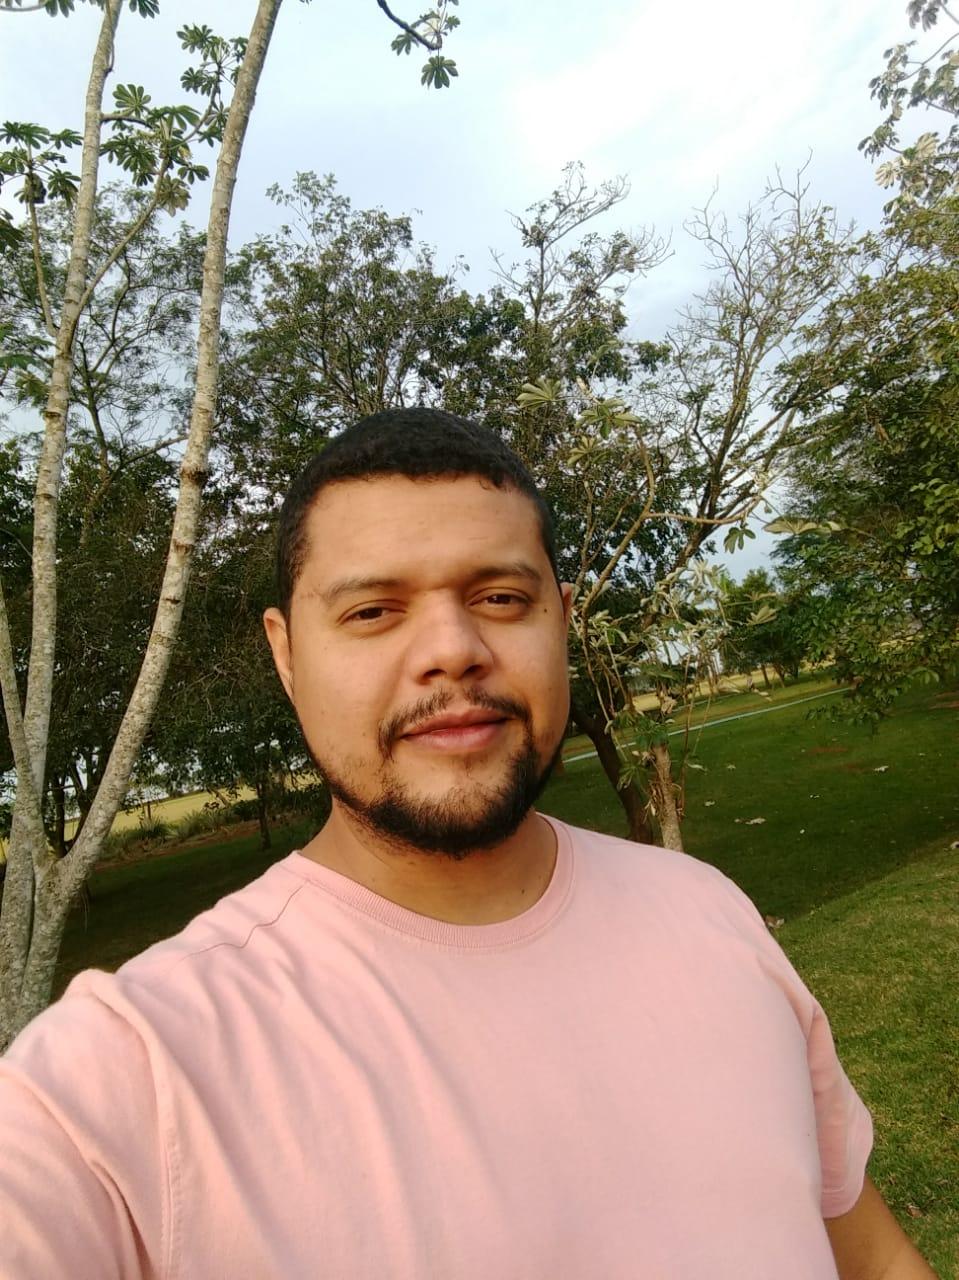 ENTREVISTA: Idemar Júnior - Aprovado no concurso da Polícia Militar do Mato Grosso do Sul no cargo de Soldado